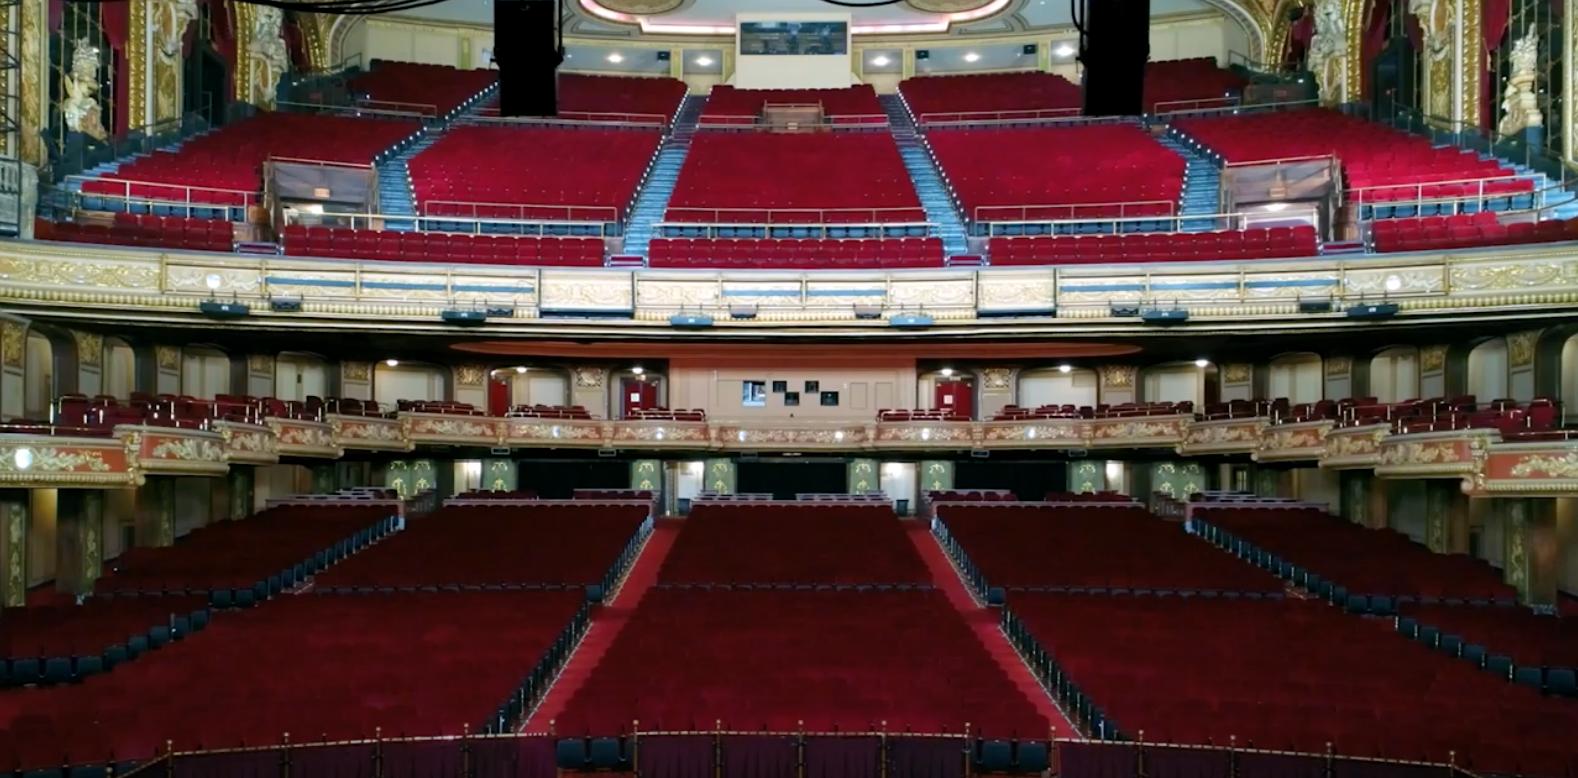 El teatro Wang ha estado cerrado desde marzo debido a la pandemia.